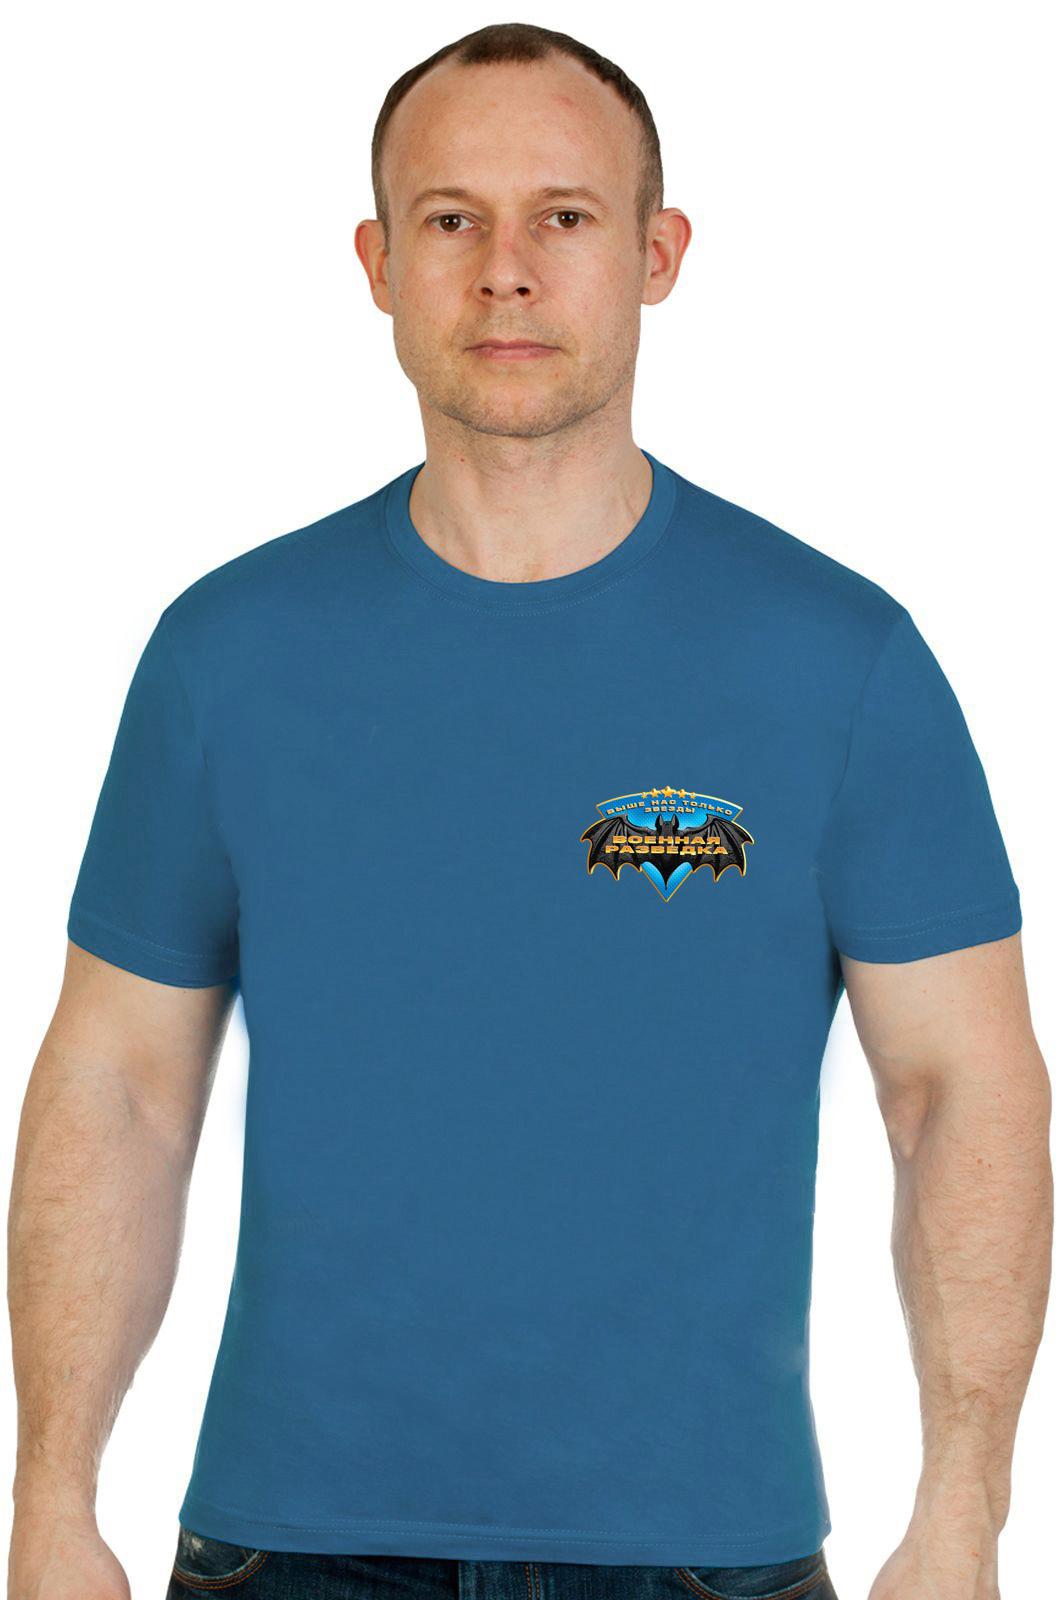 Купить футболку разведчика с черной эмблемой по оптимальной цене